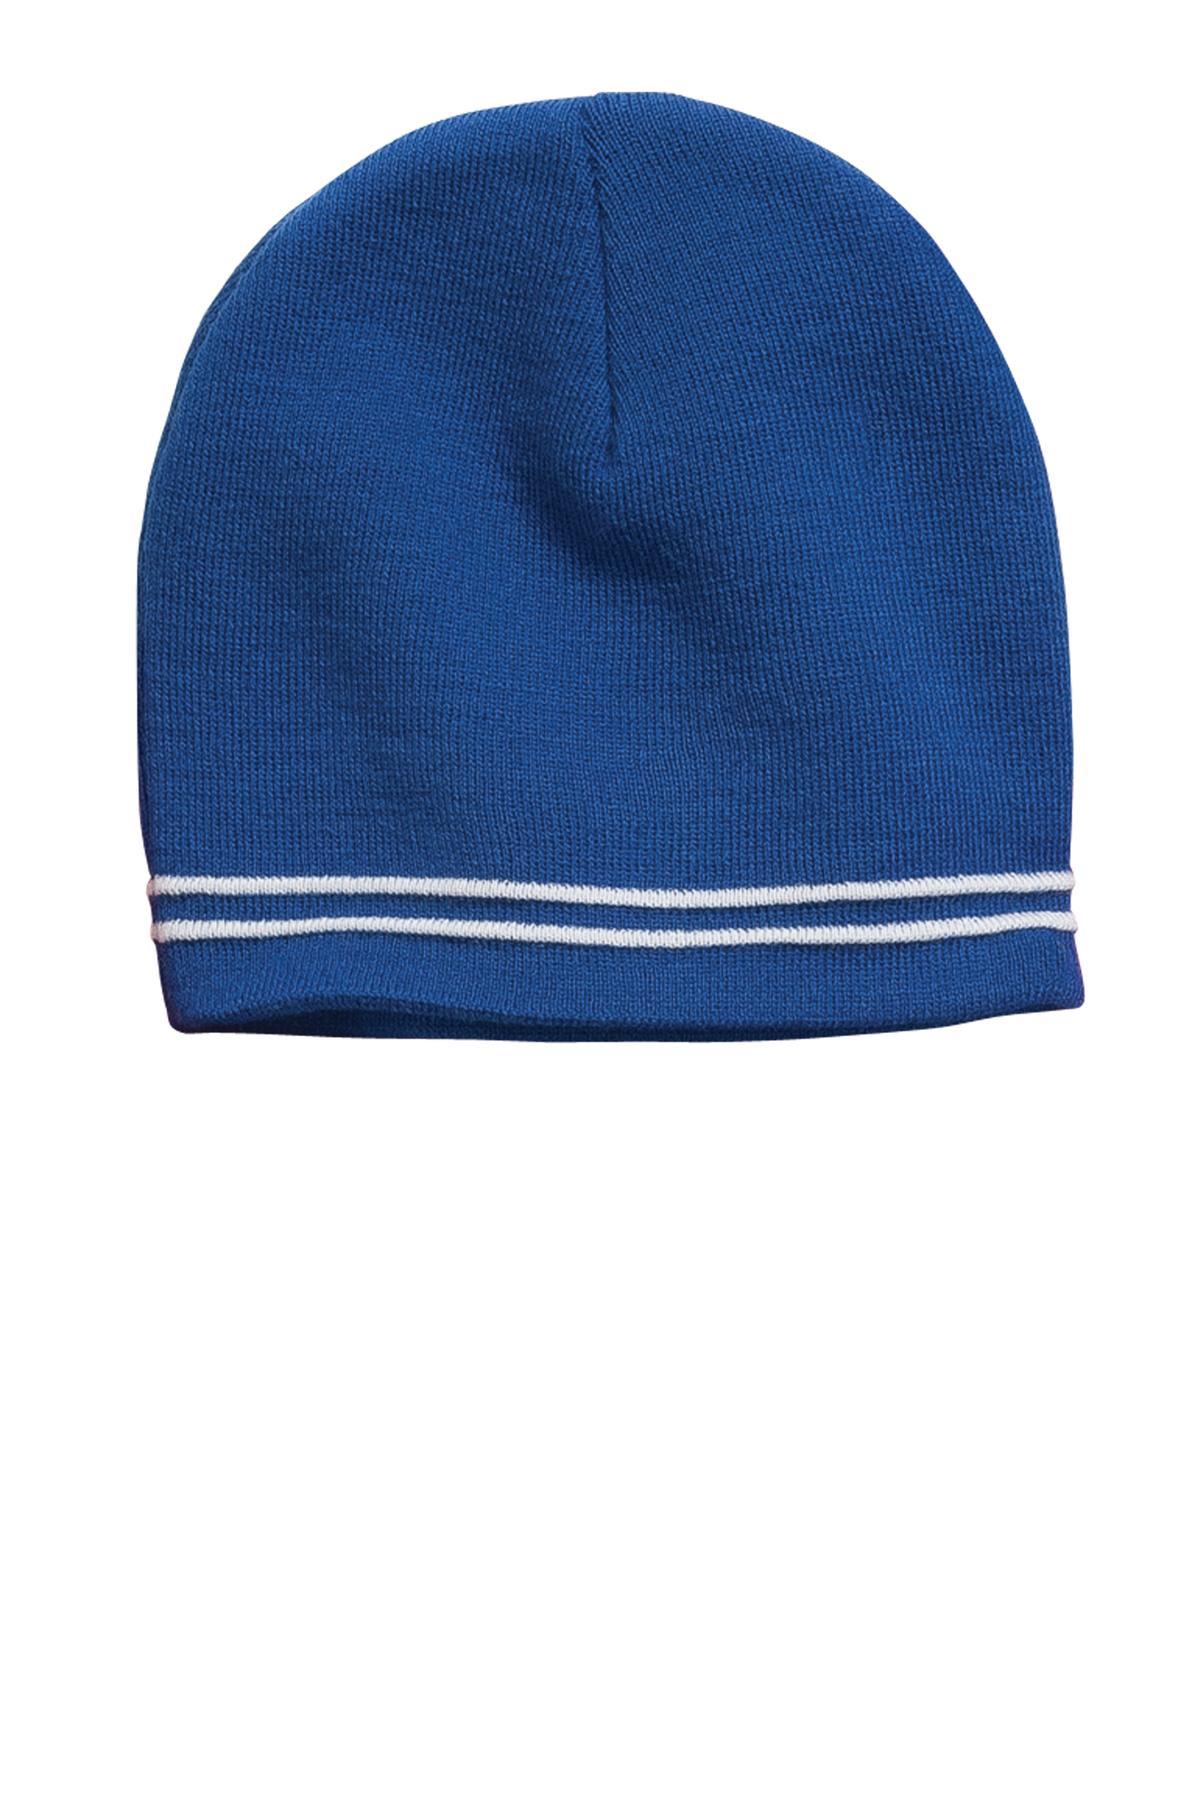 Beanie Hat - RCG1240